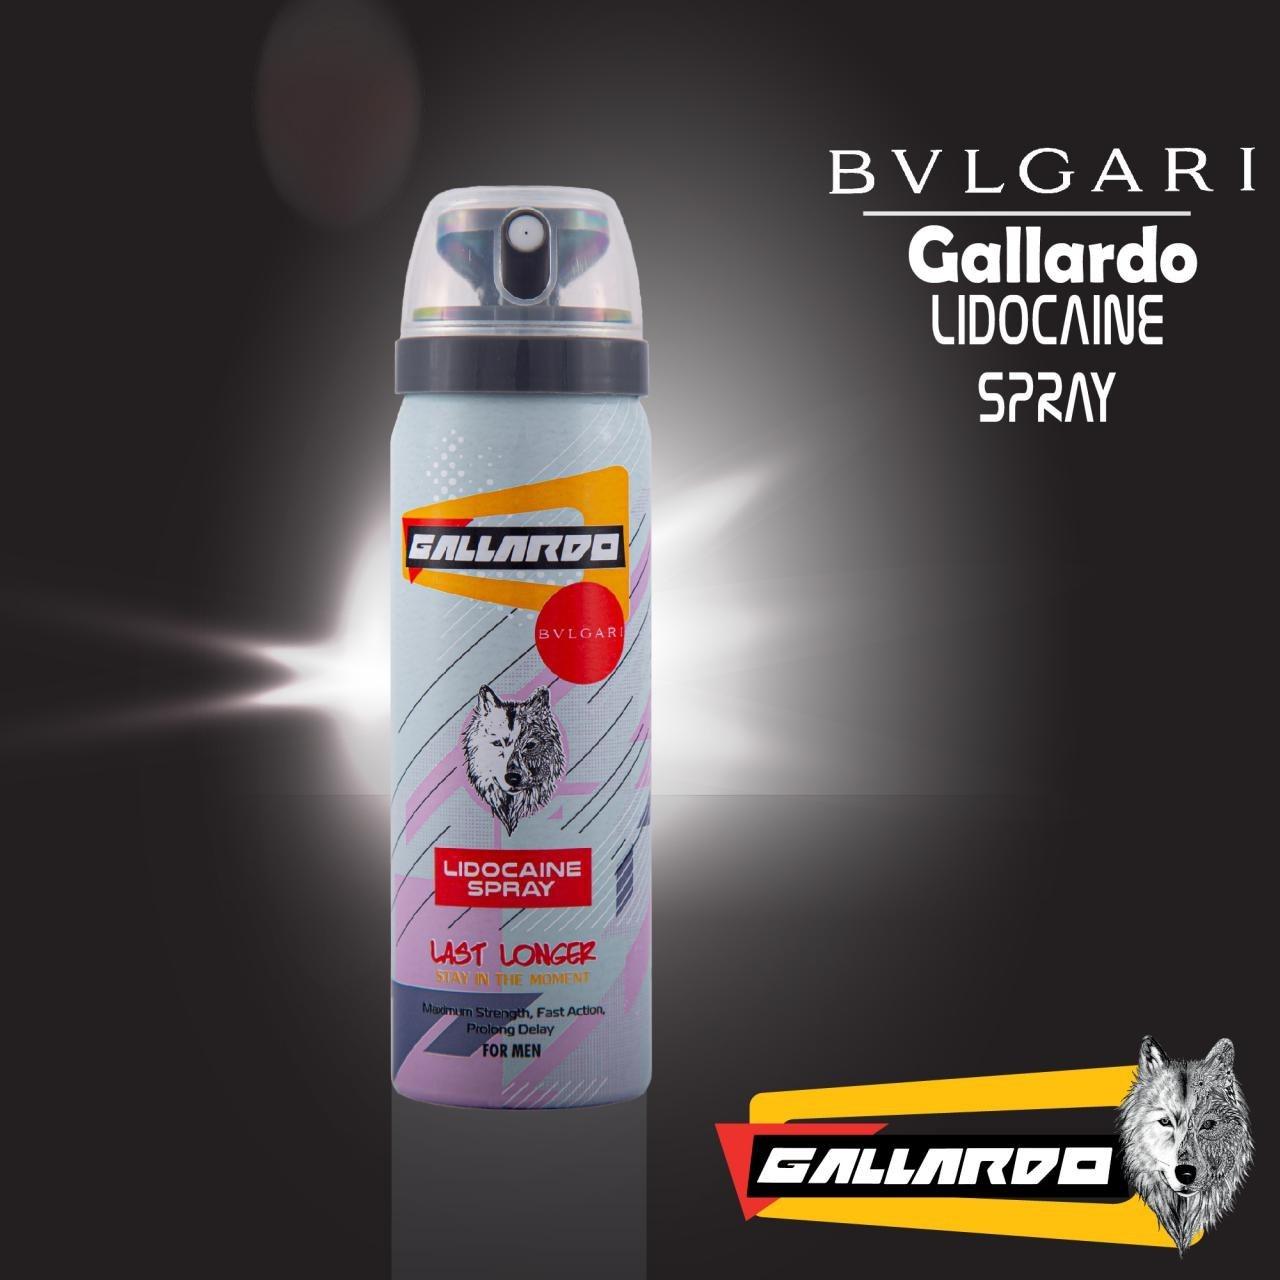 تصویر اسپری تاخیری با رایحه عطر دیویدوفگالاردو ا Gallardo Delay Spray Gallardo Delay Spray